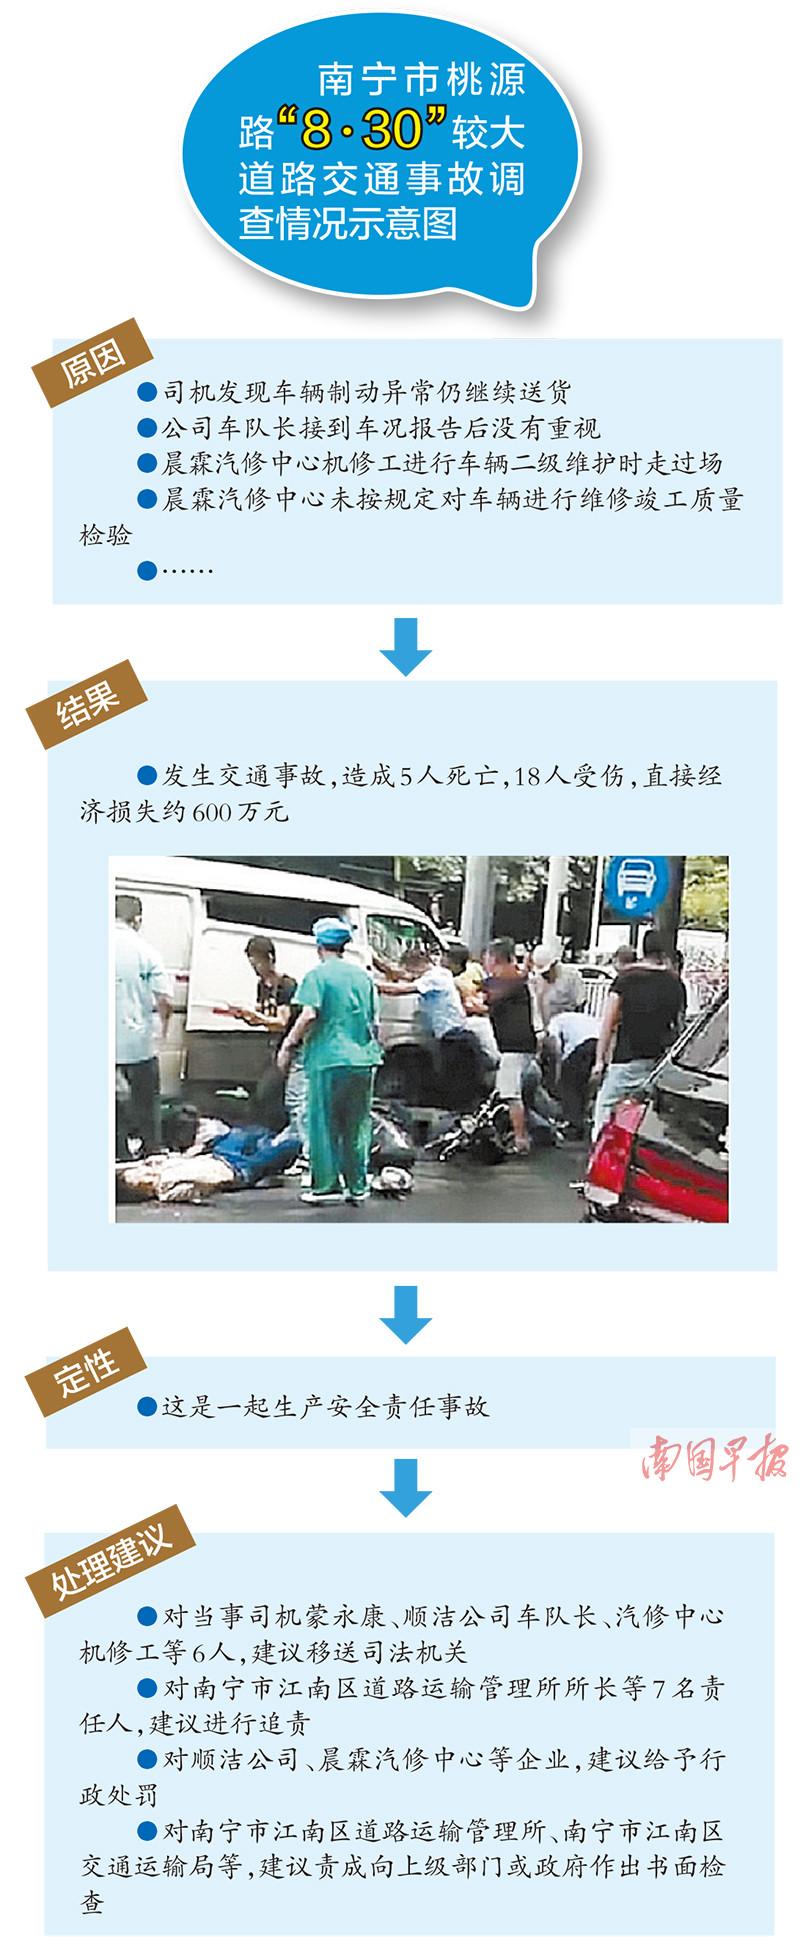 南宁桃源路车祸调查报告:建议6人移送司法机关,7名公职人员受处分